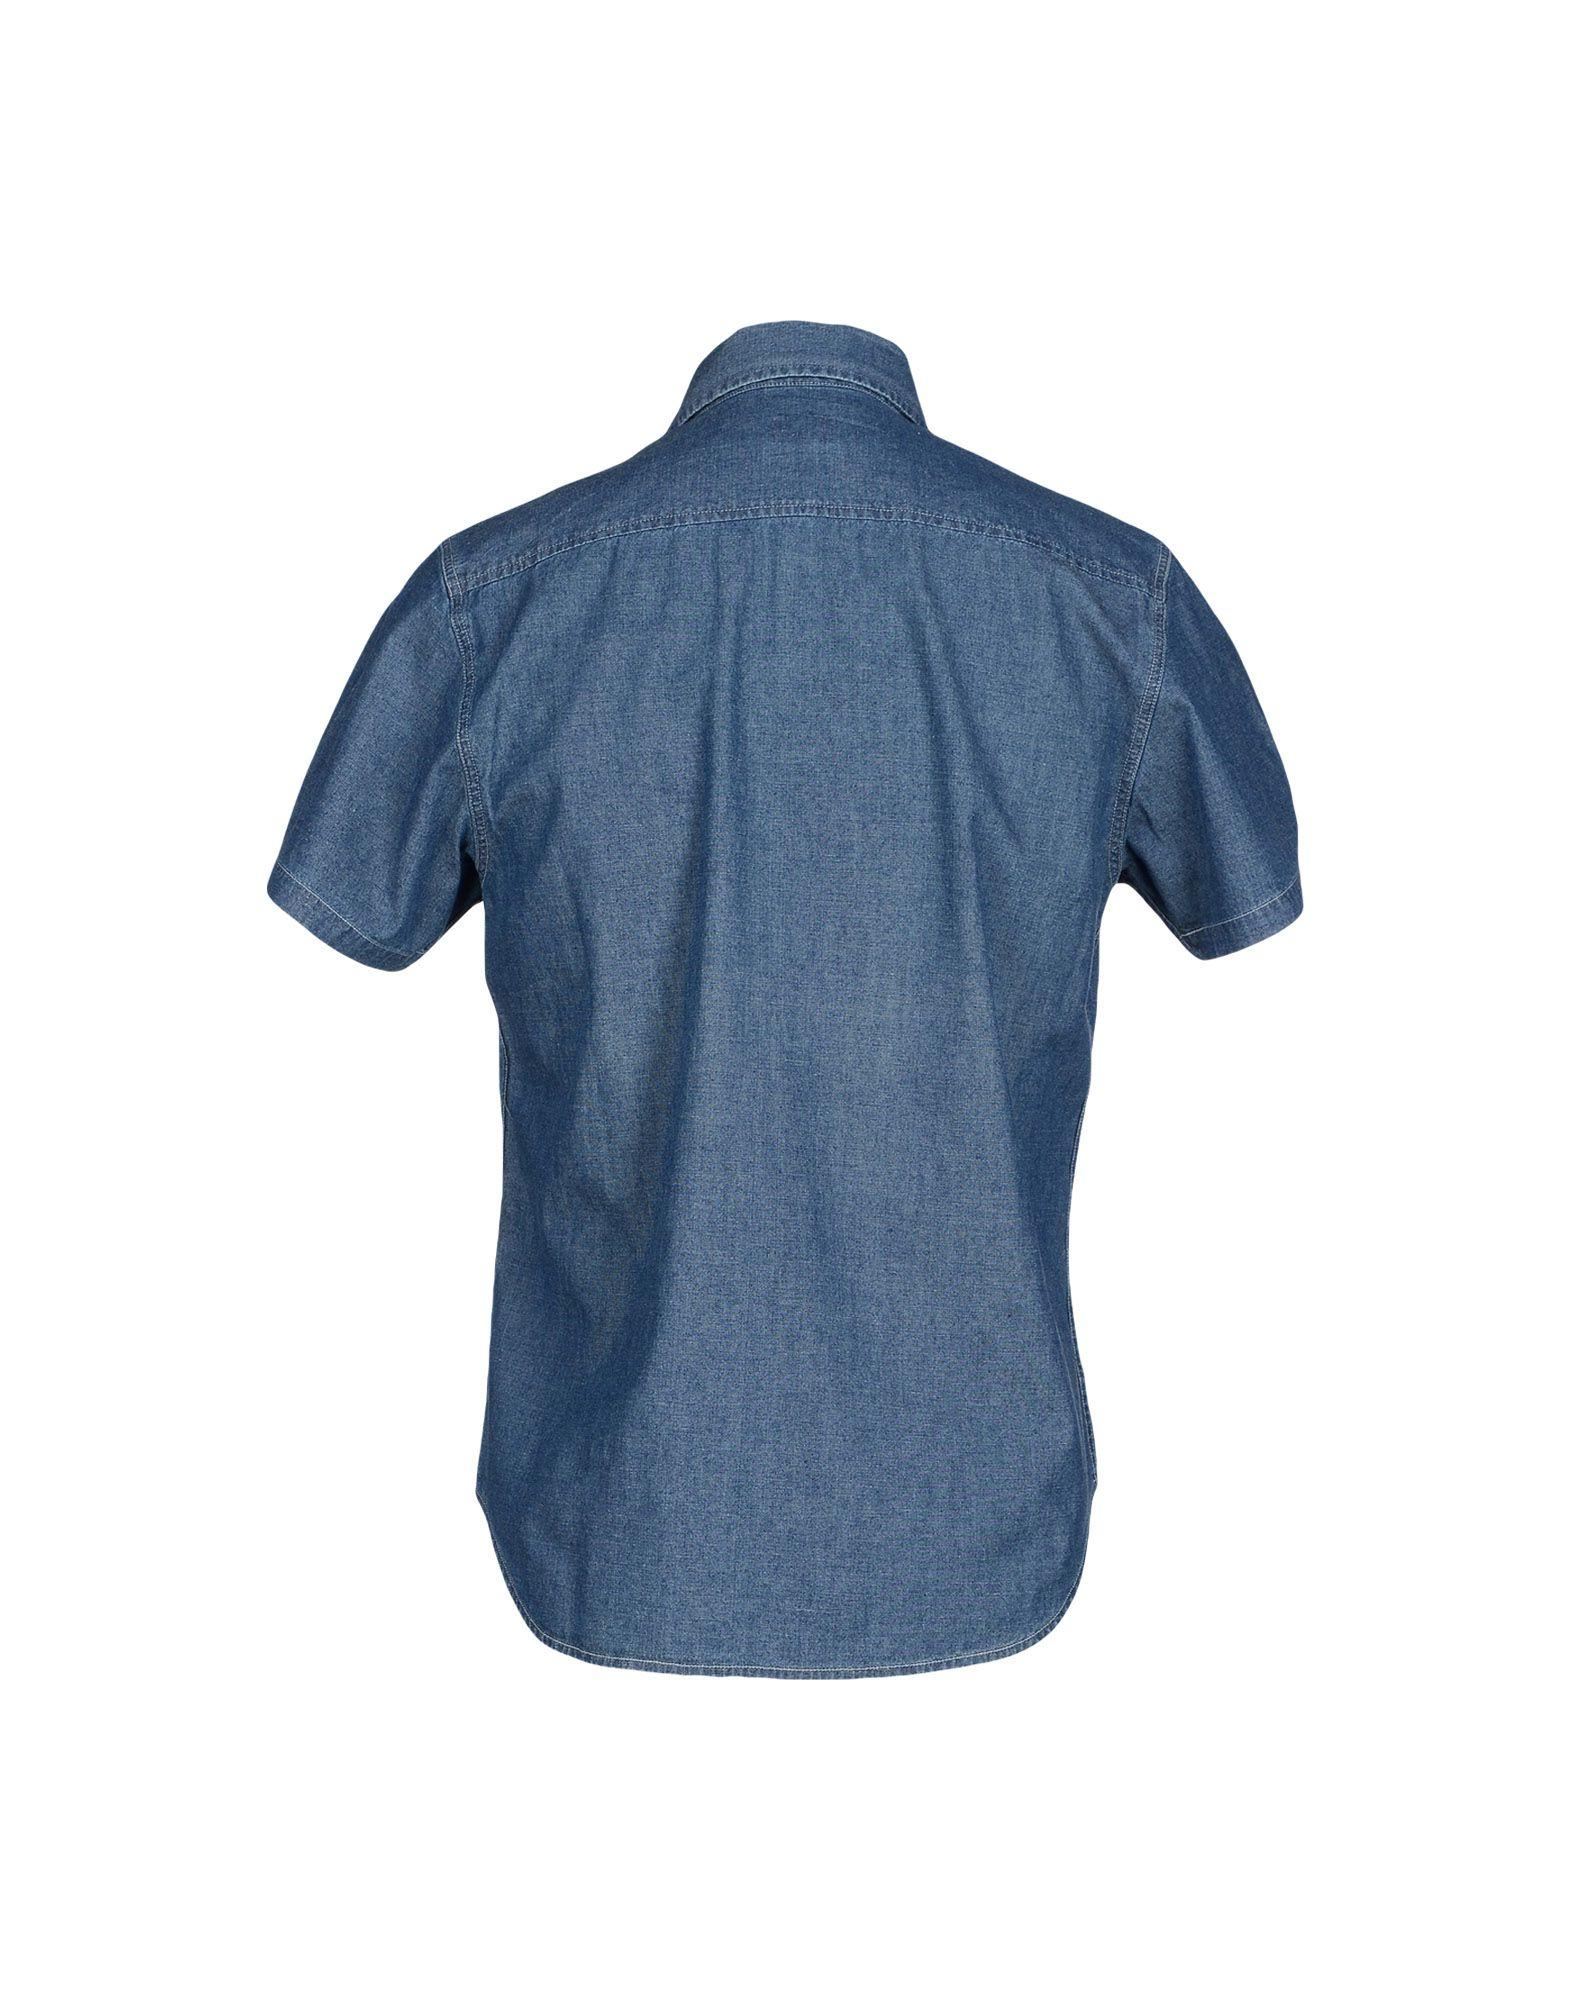 calvin klein jeans denim shirt in blue for men lyst. Black Bedroom Furniture Sets. Home Design Ideas